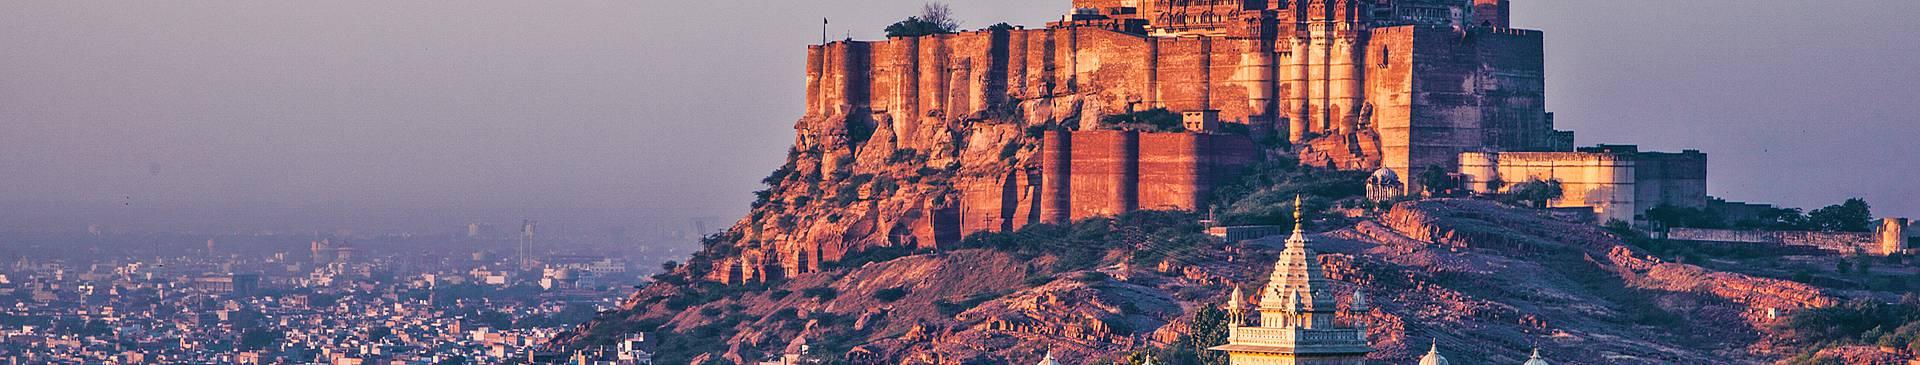 Städtereise Indien